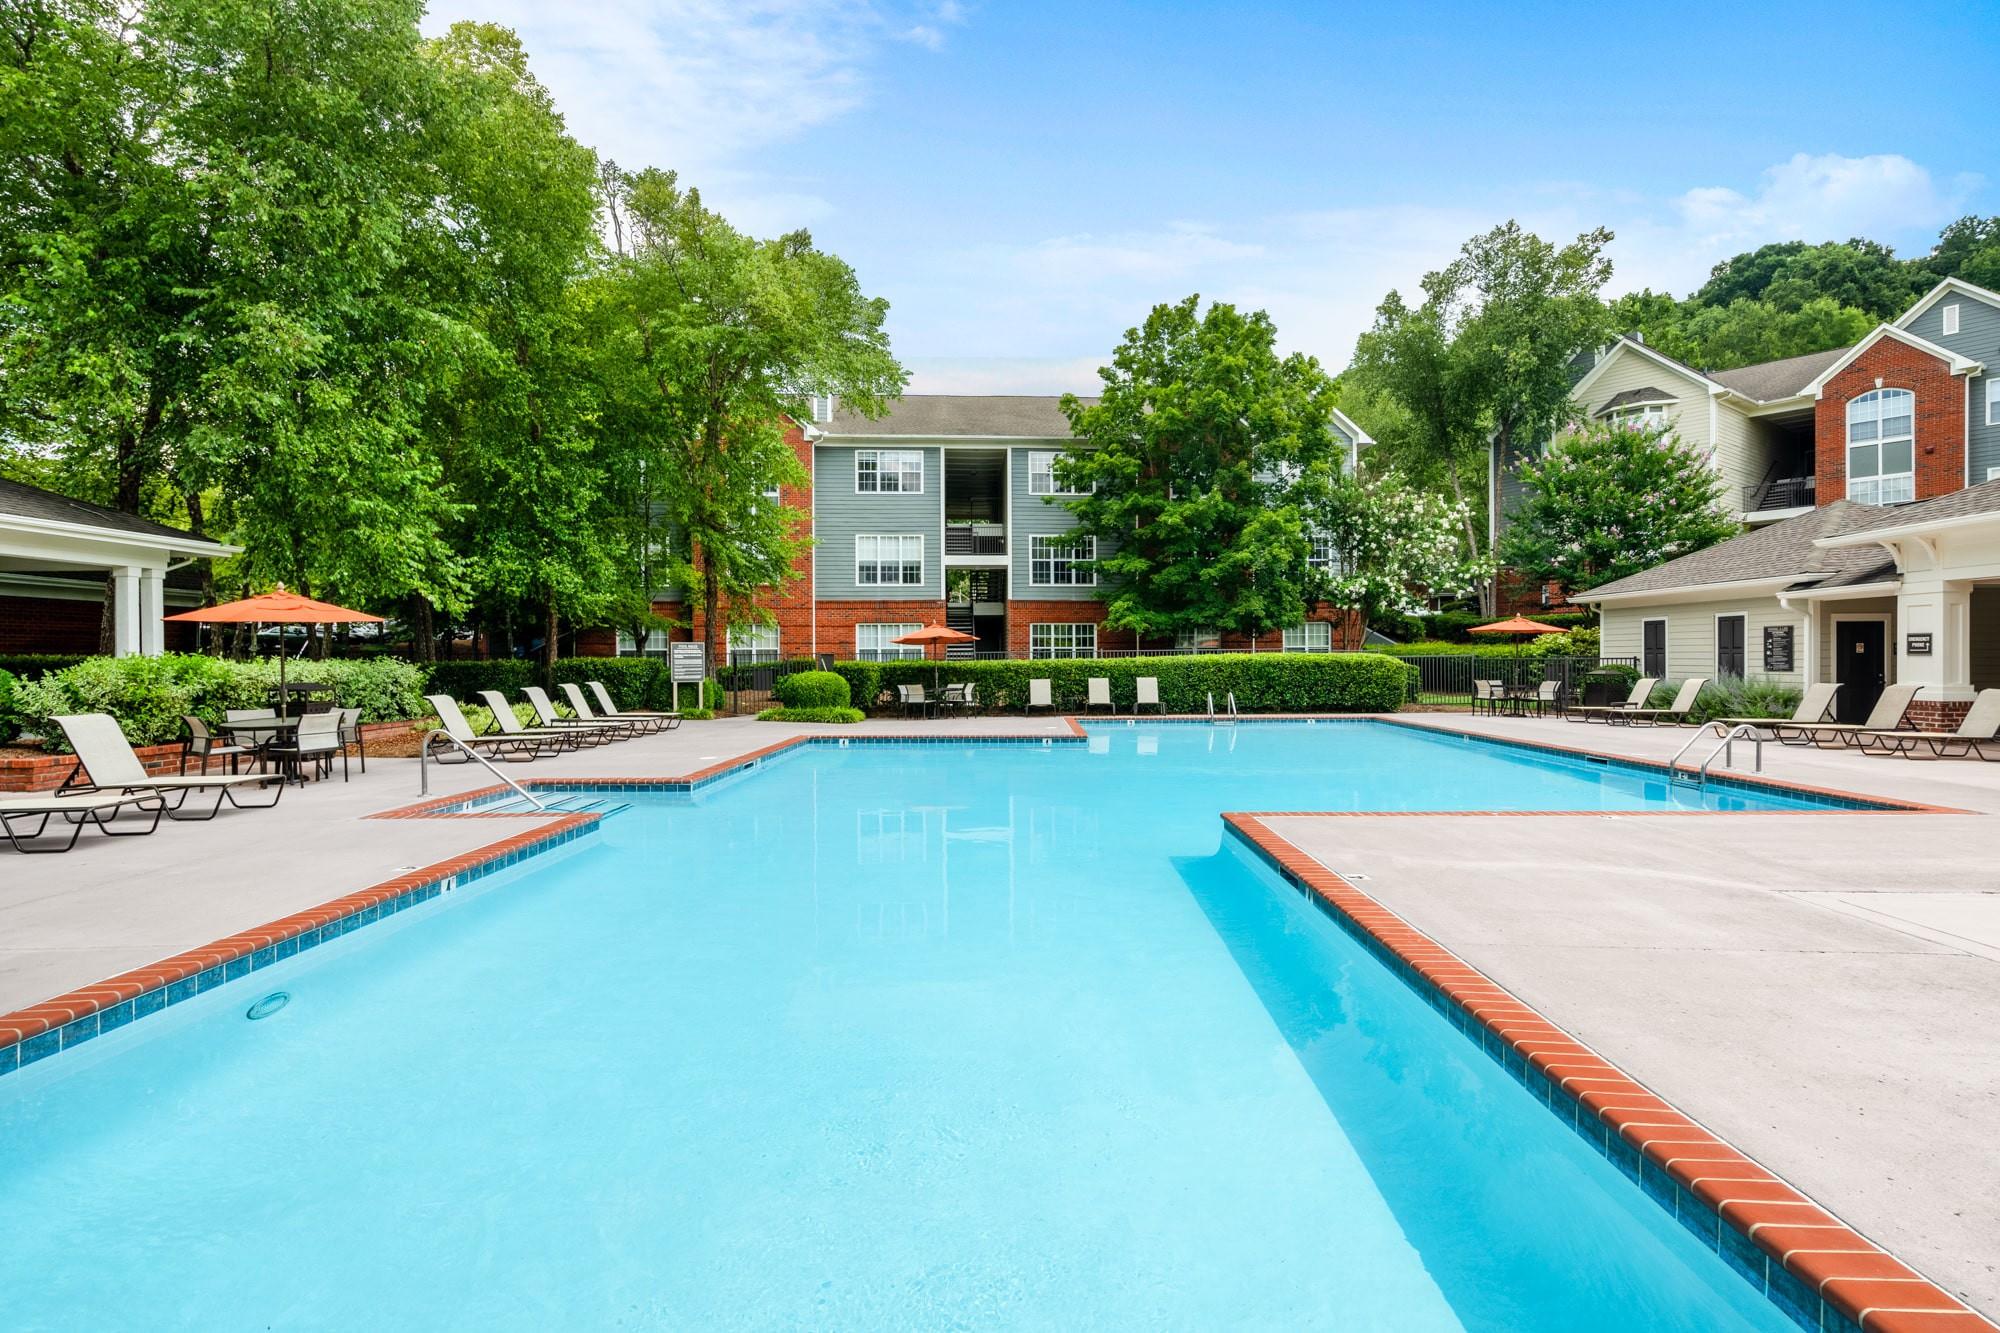 Apartments Near Vanderbilt Colonial Grand at Bellevue for Vanderbilt University Students in Nashville, TN